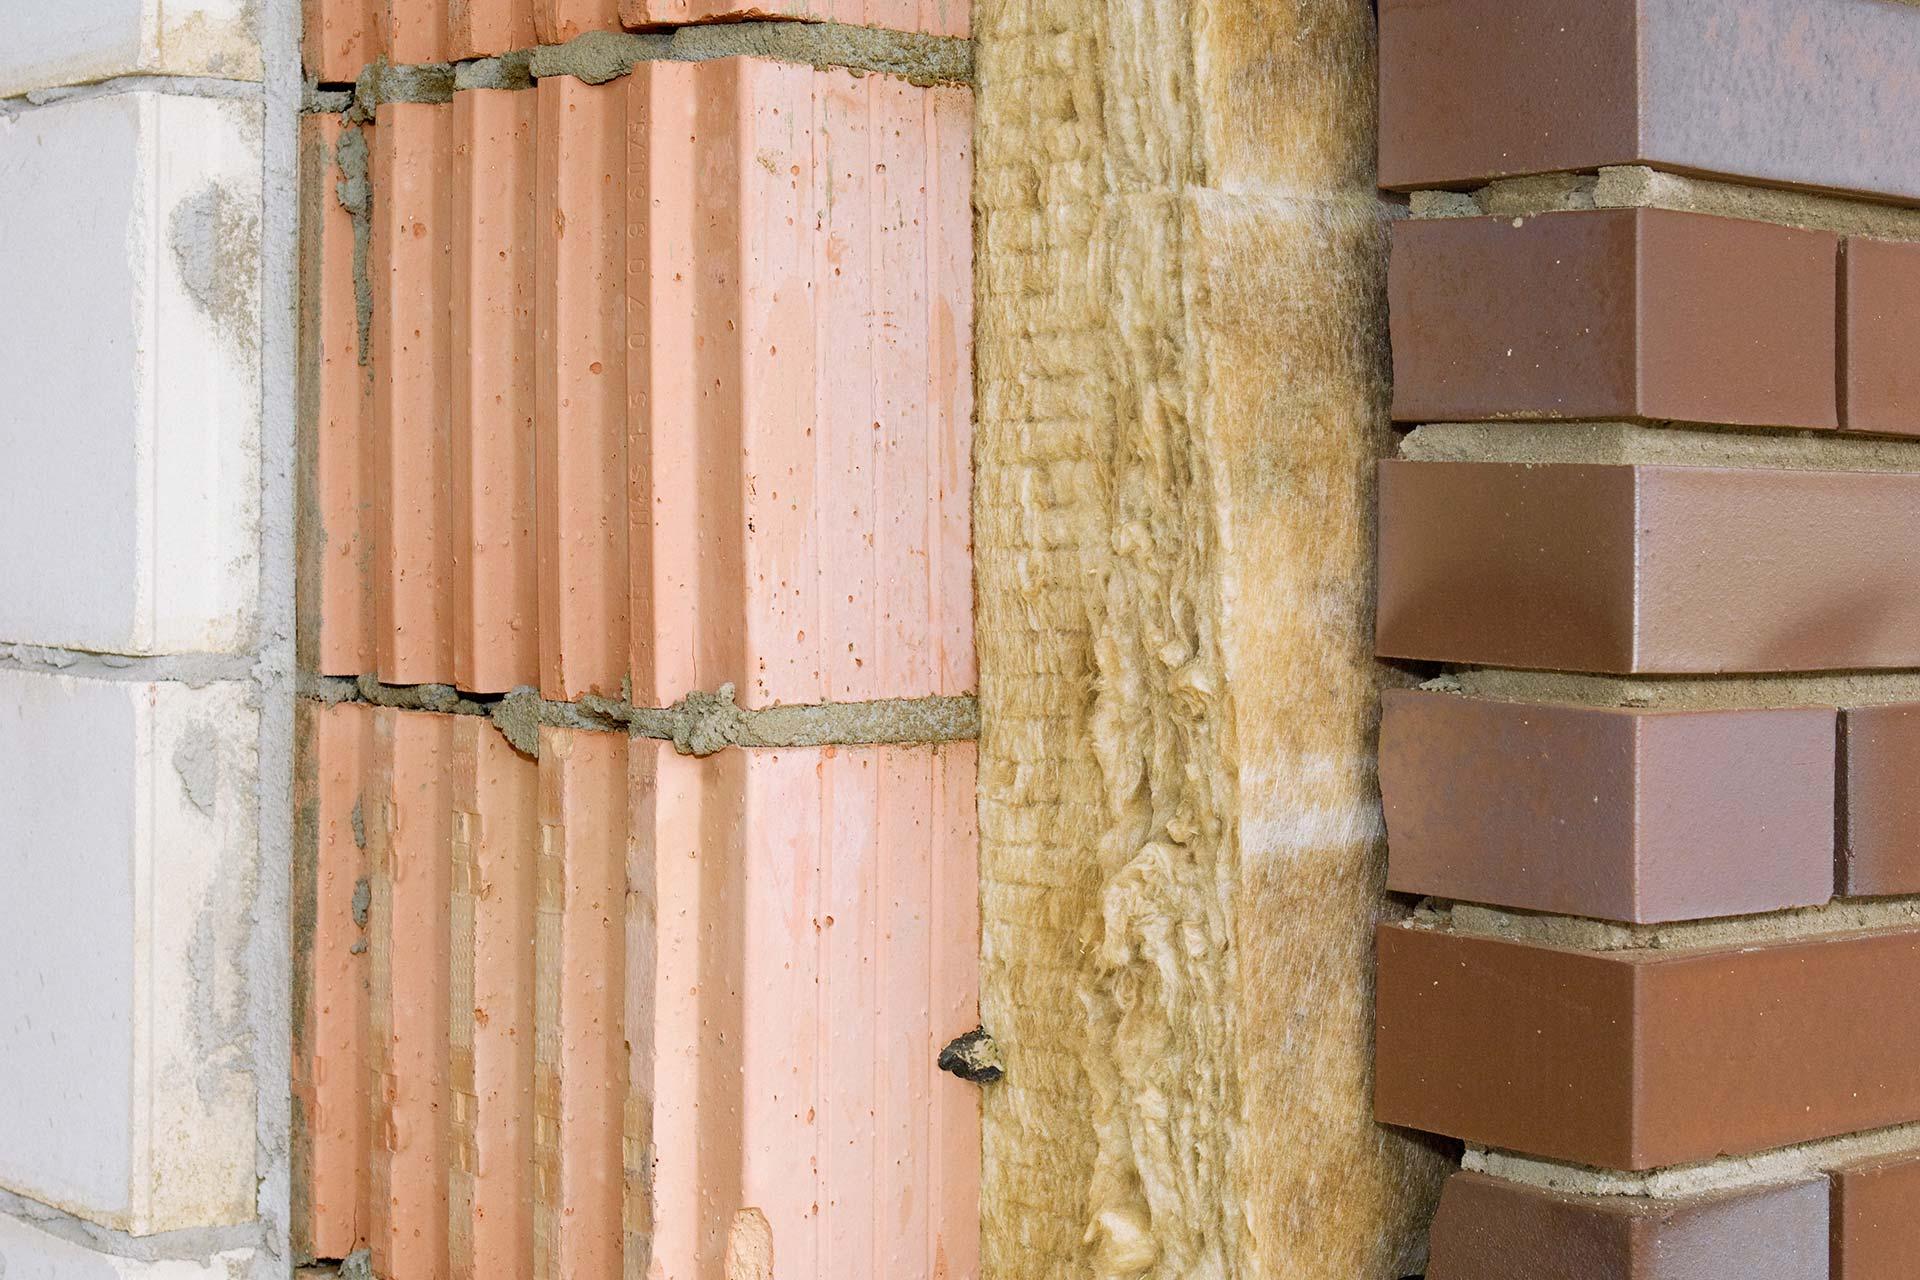 Vollwärmeschutz - Wärmedämmung an einer Außenwand